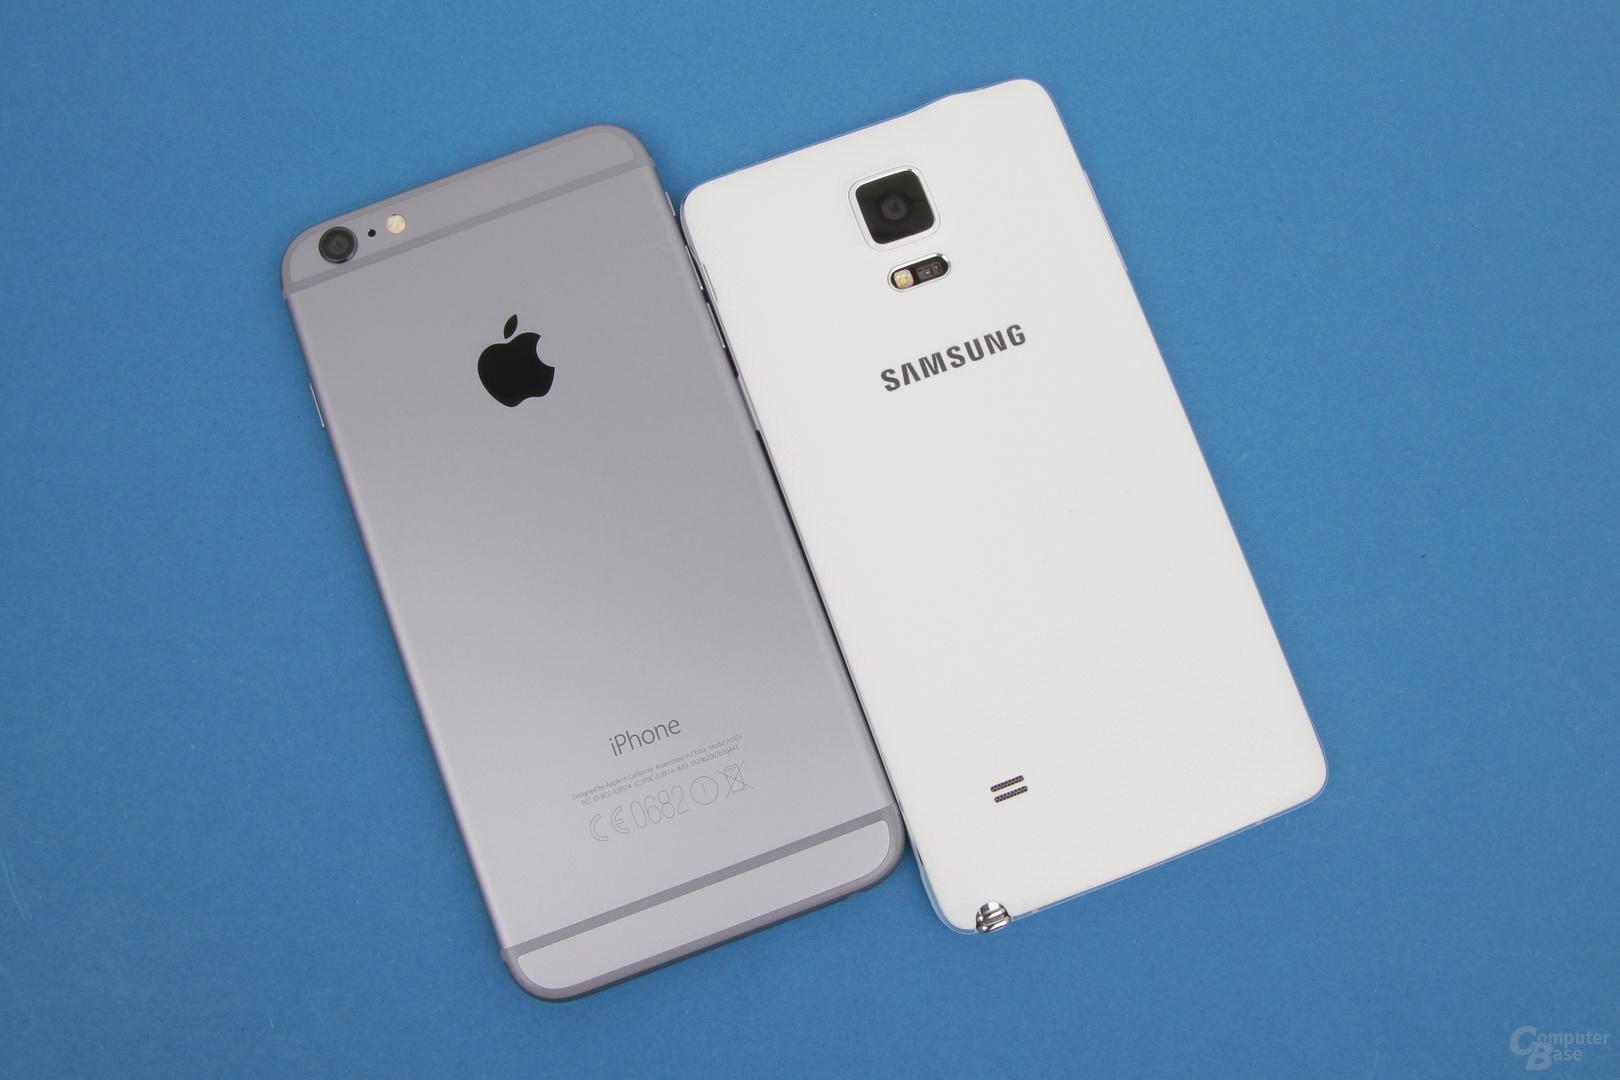 Apple iPhone 6 Plus gegen Samsung Galaxy Note 4: Beinhartes Duell ohne klaren Sieger